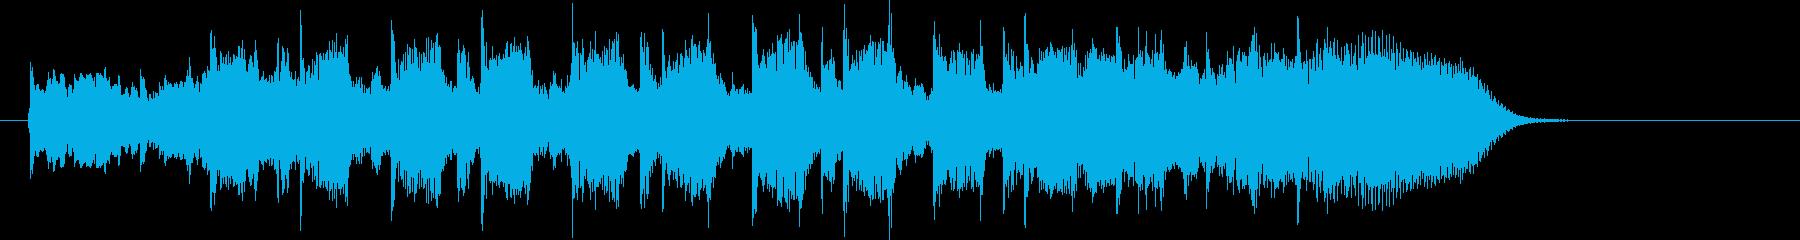 懐かしく優しいフォークの再生済みの波形